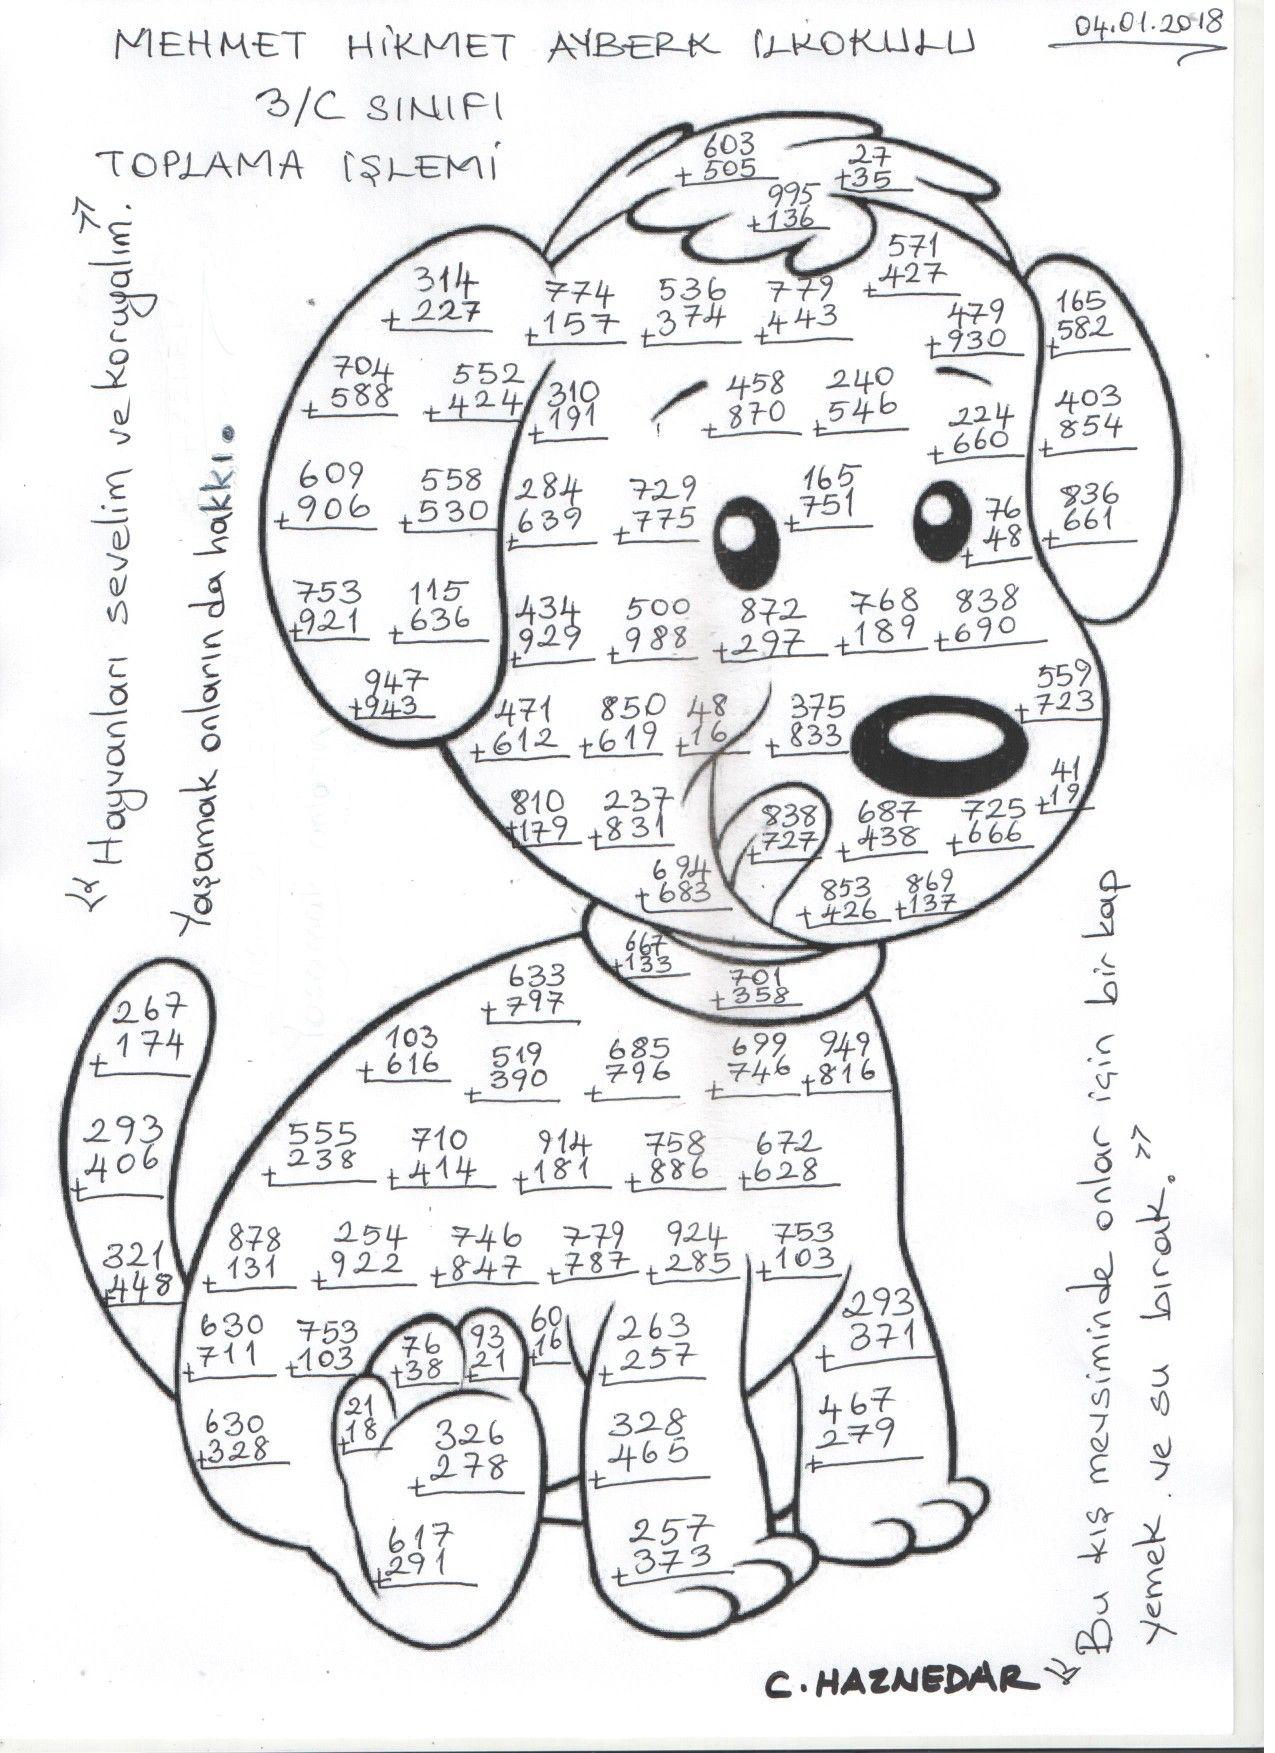 Resimli Boyamali Matematik Toplama Yapma Sayfalari Toplama Ve